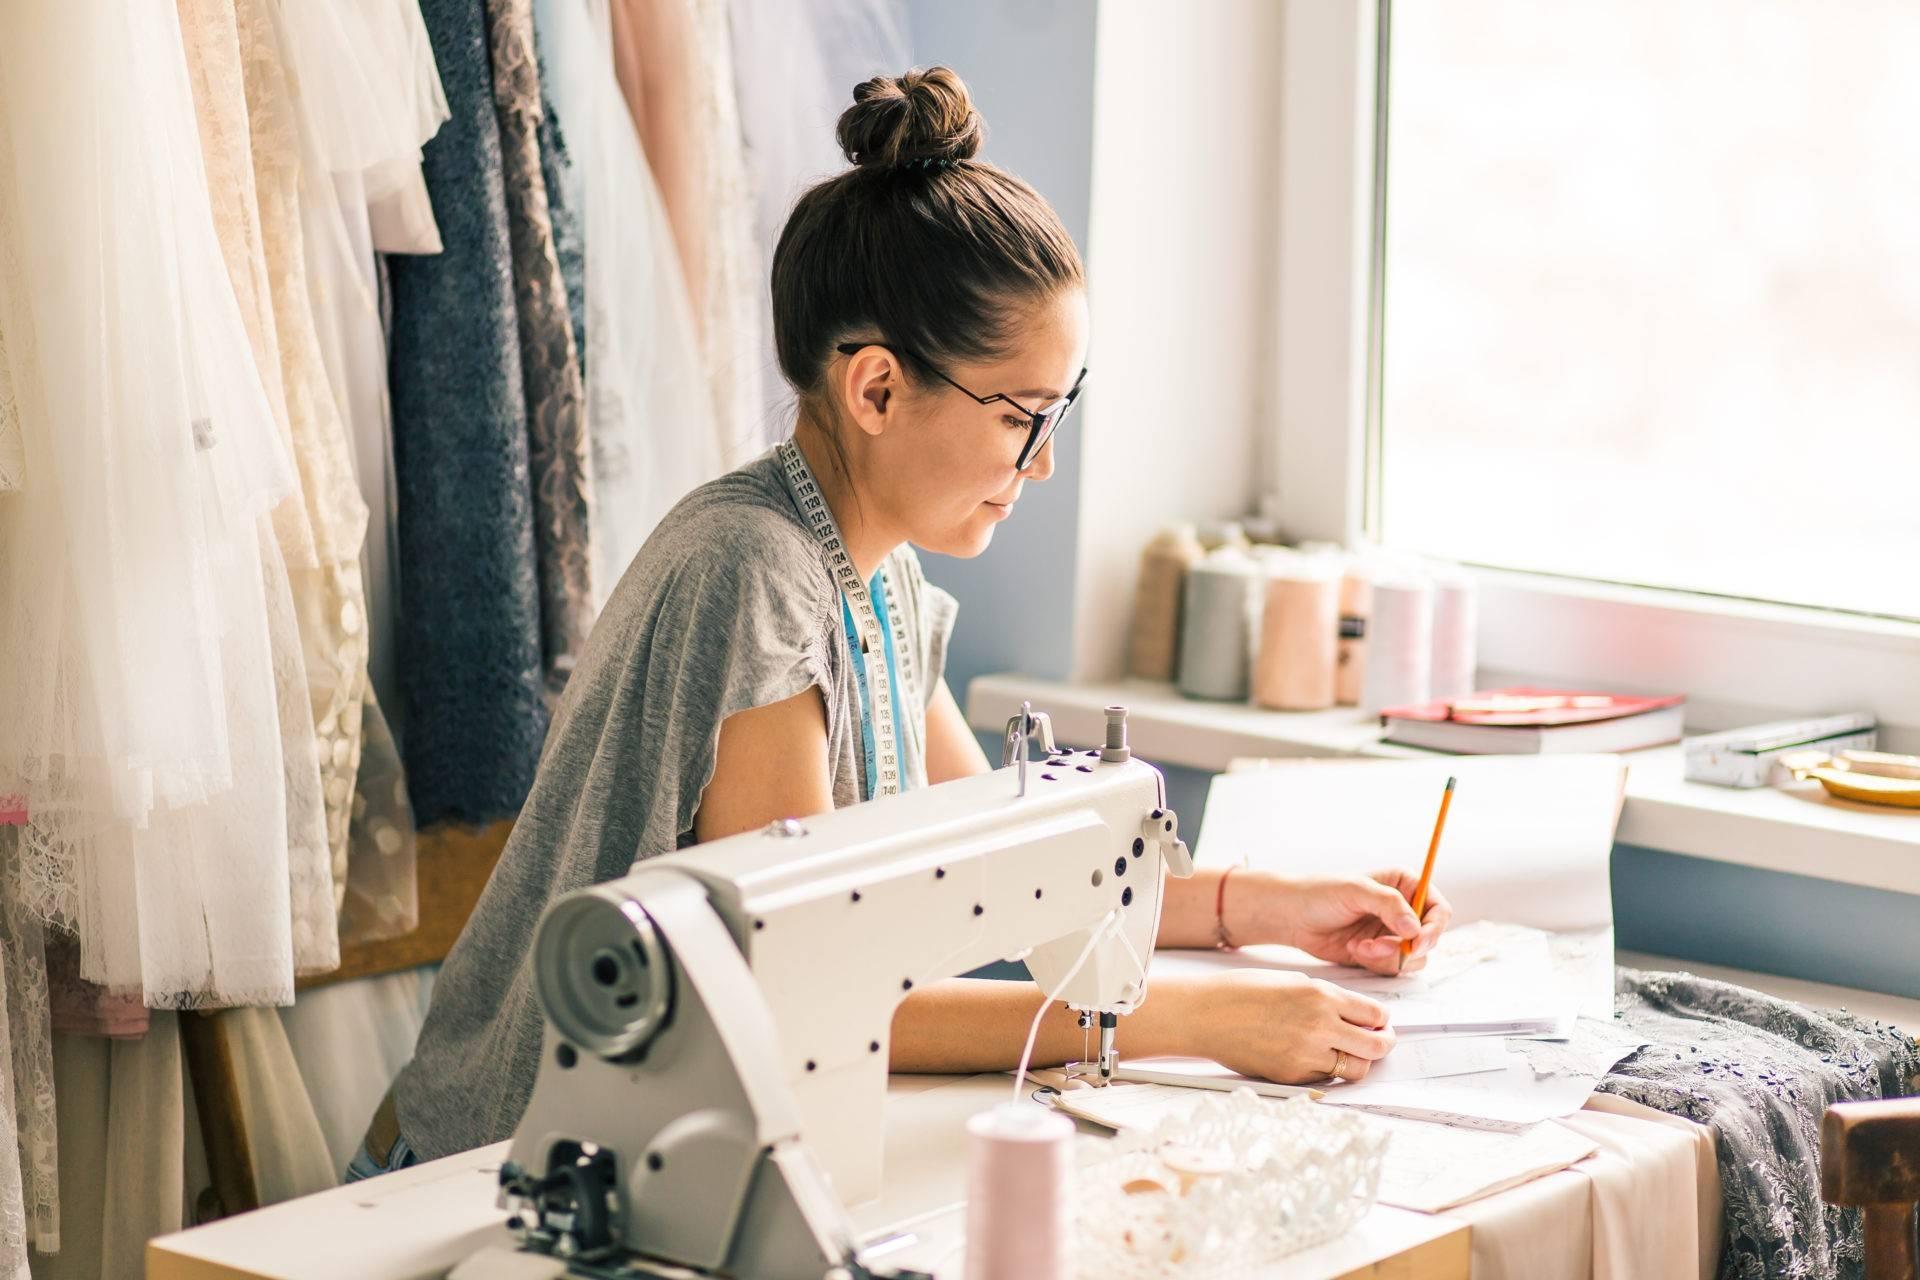 Как научиться шить и кроить с нуля: полное руководство + советы для начинающих